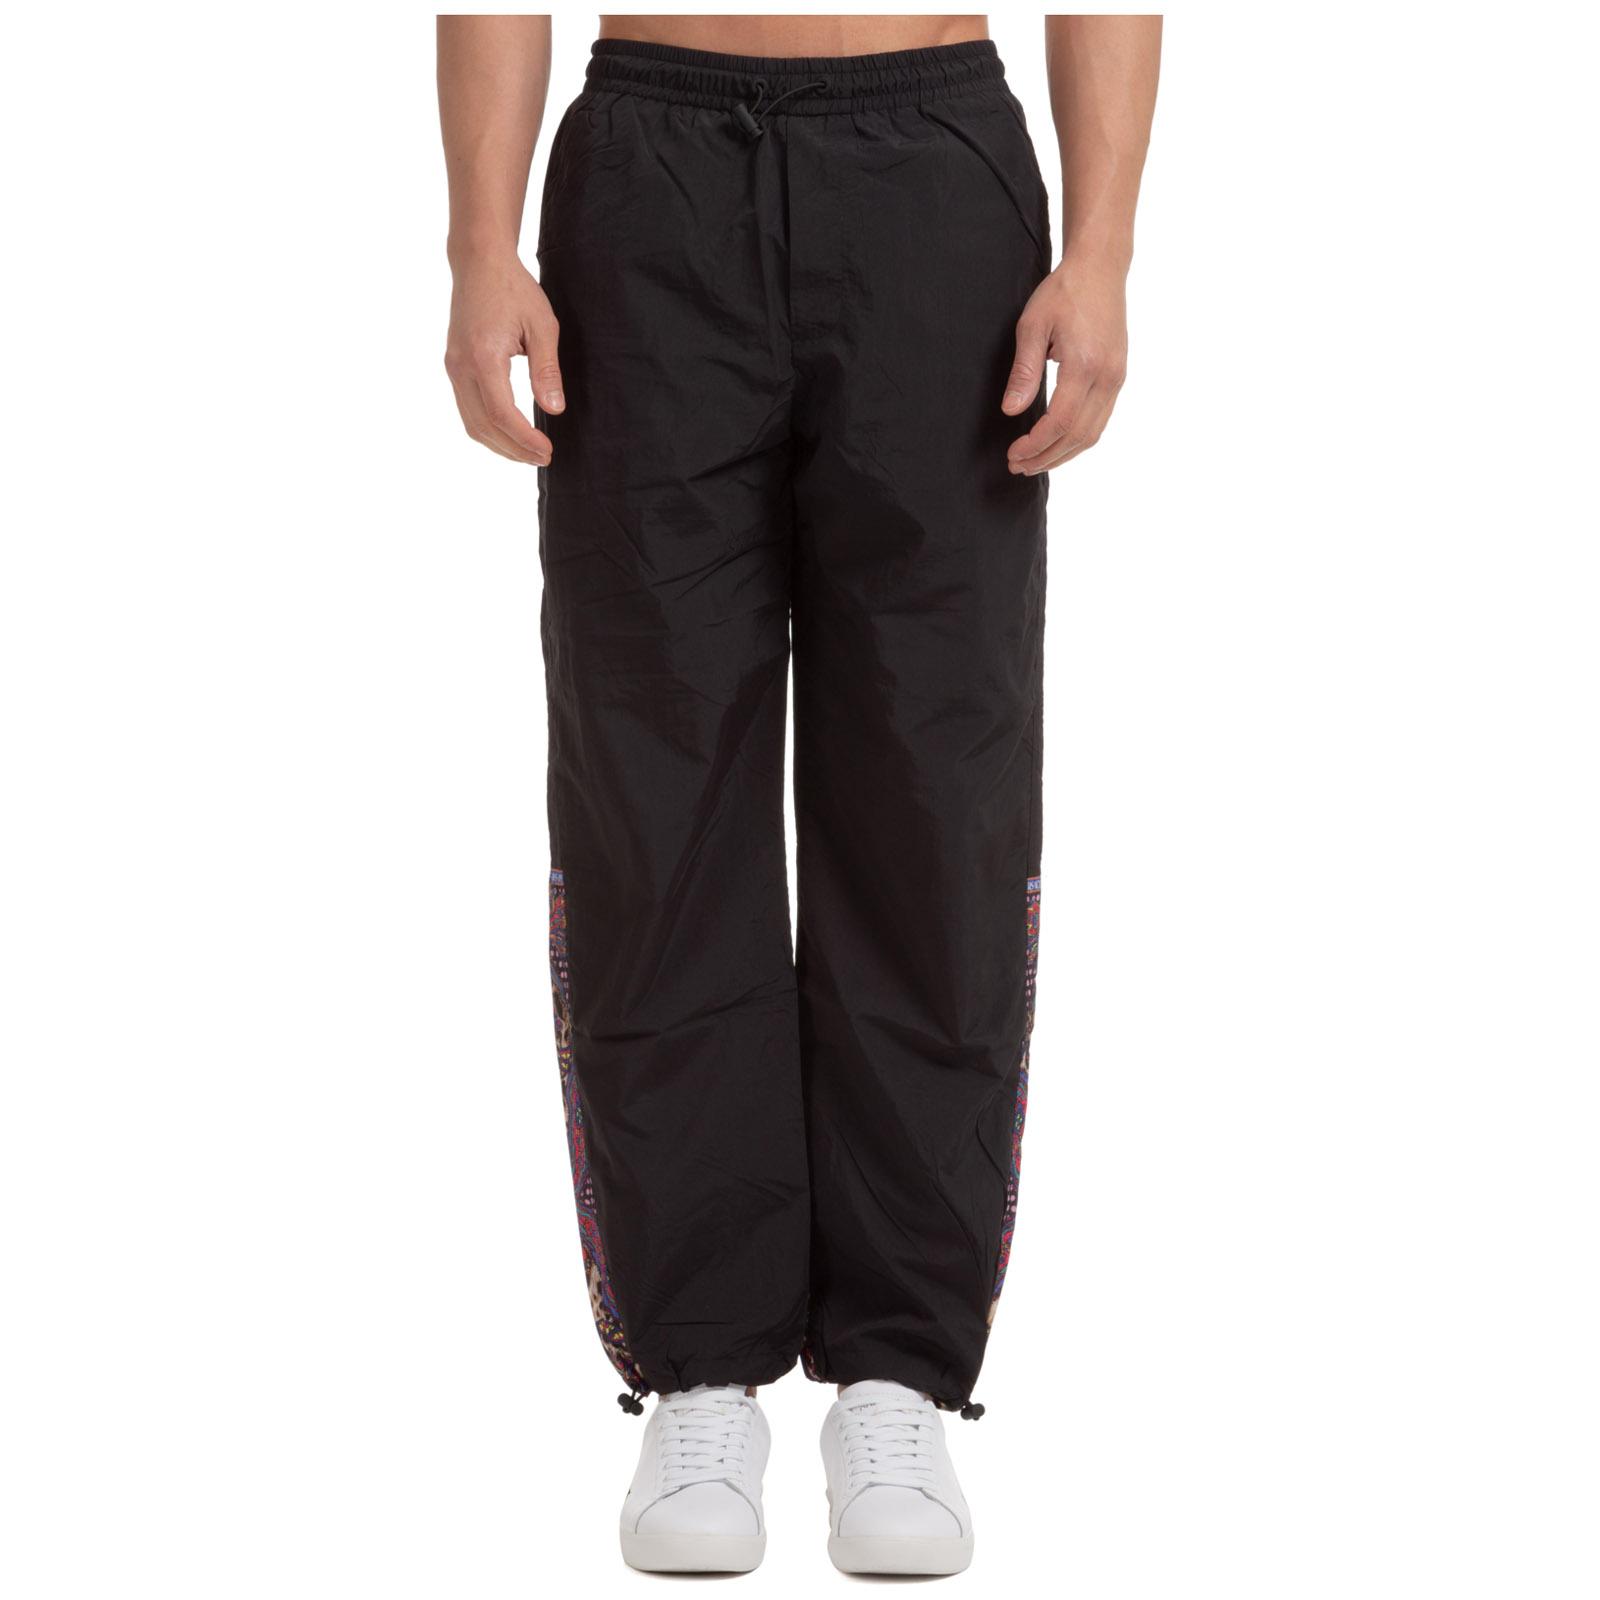 Versace Men's sport tracksuit trousers  - Black - Size: 46